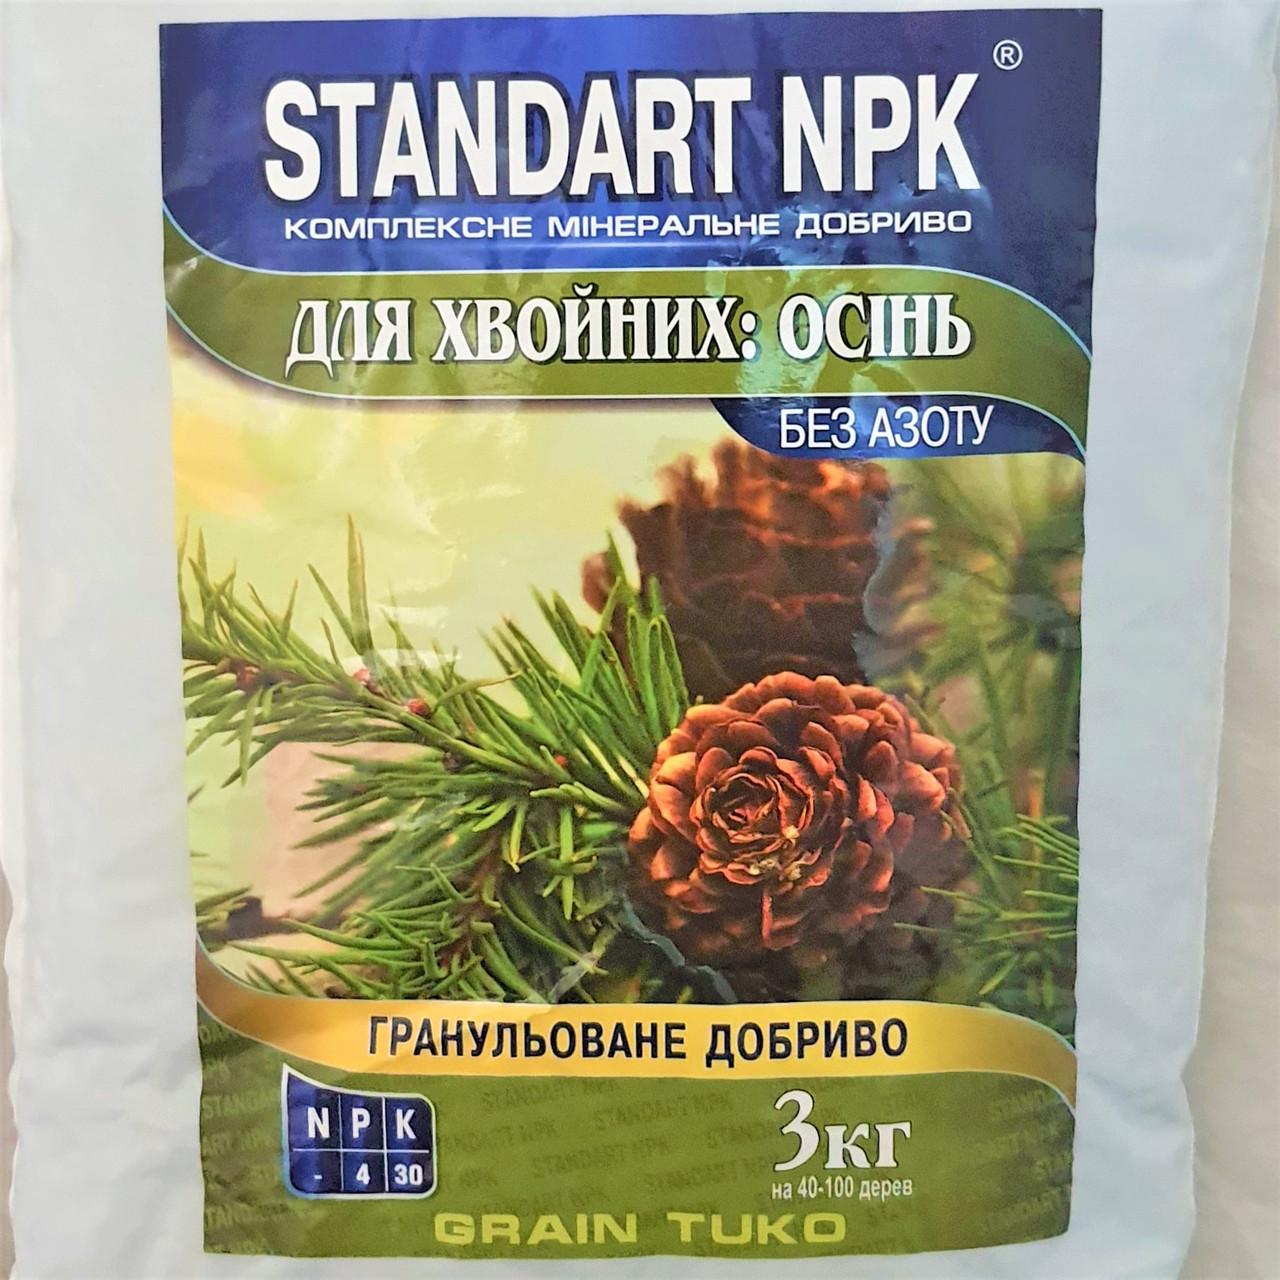 Комплексное удобрение для Хвойных Осенью - STANDART NPK, 3 кг